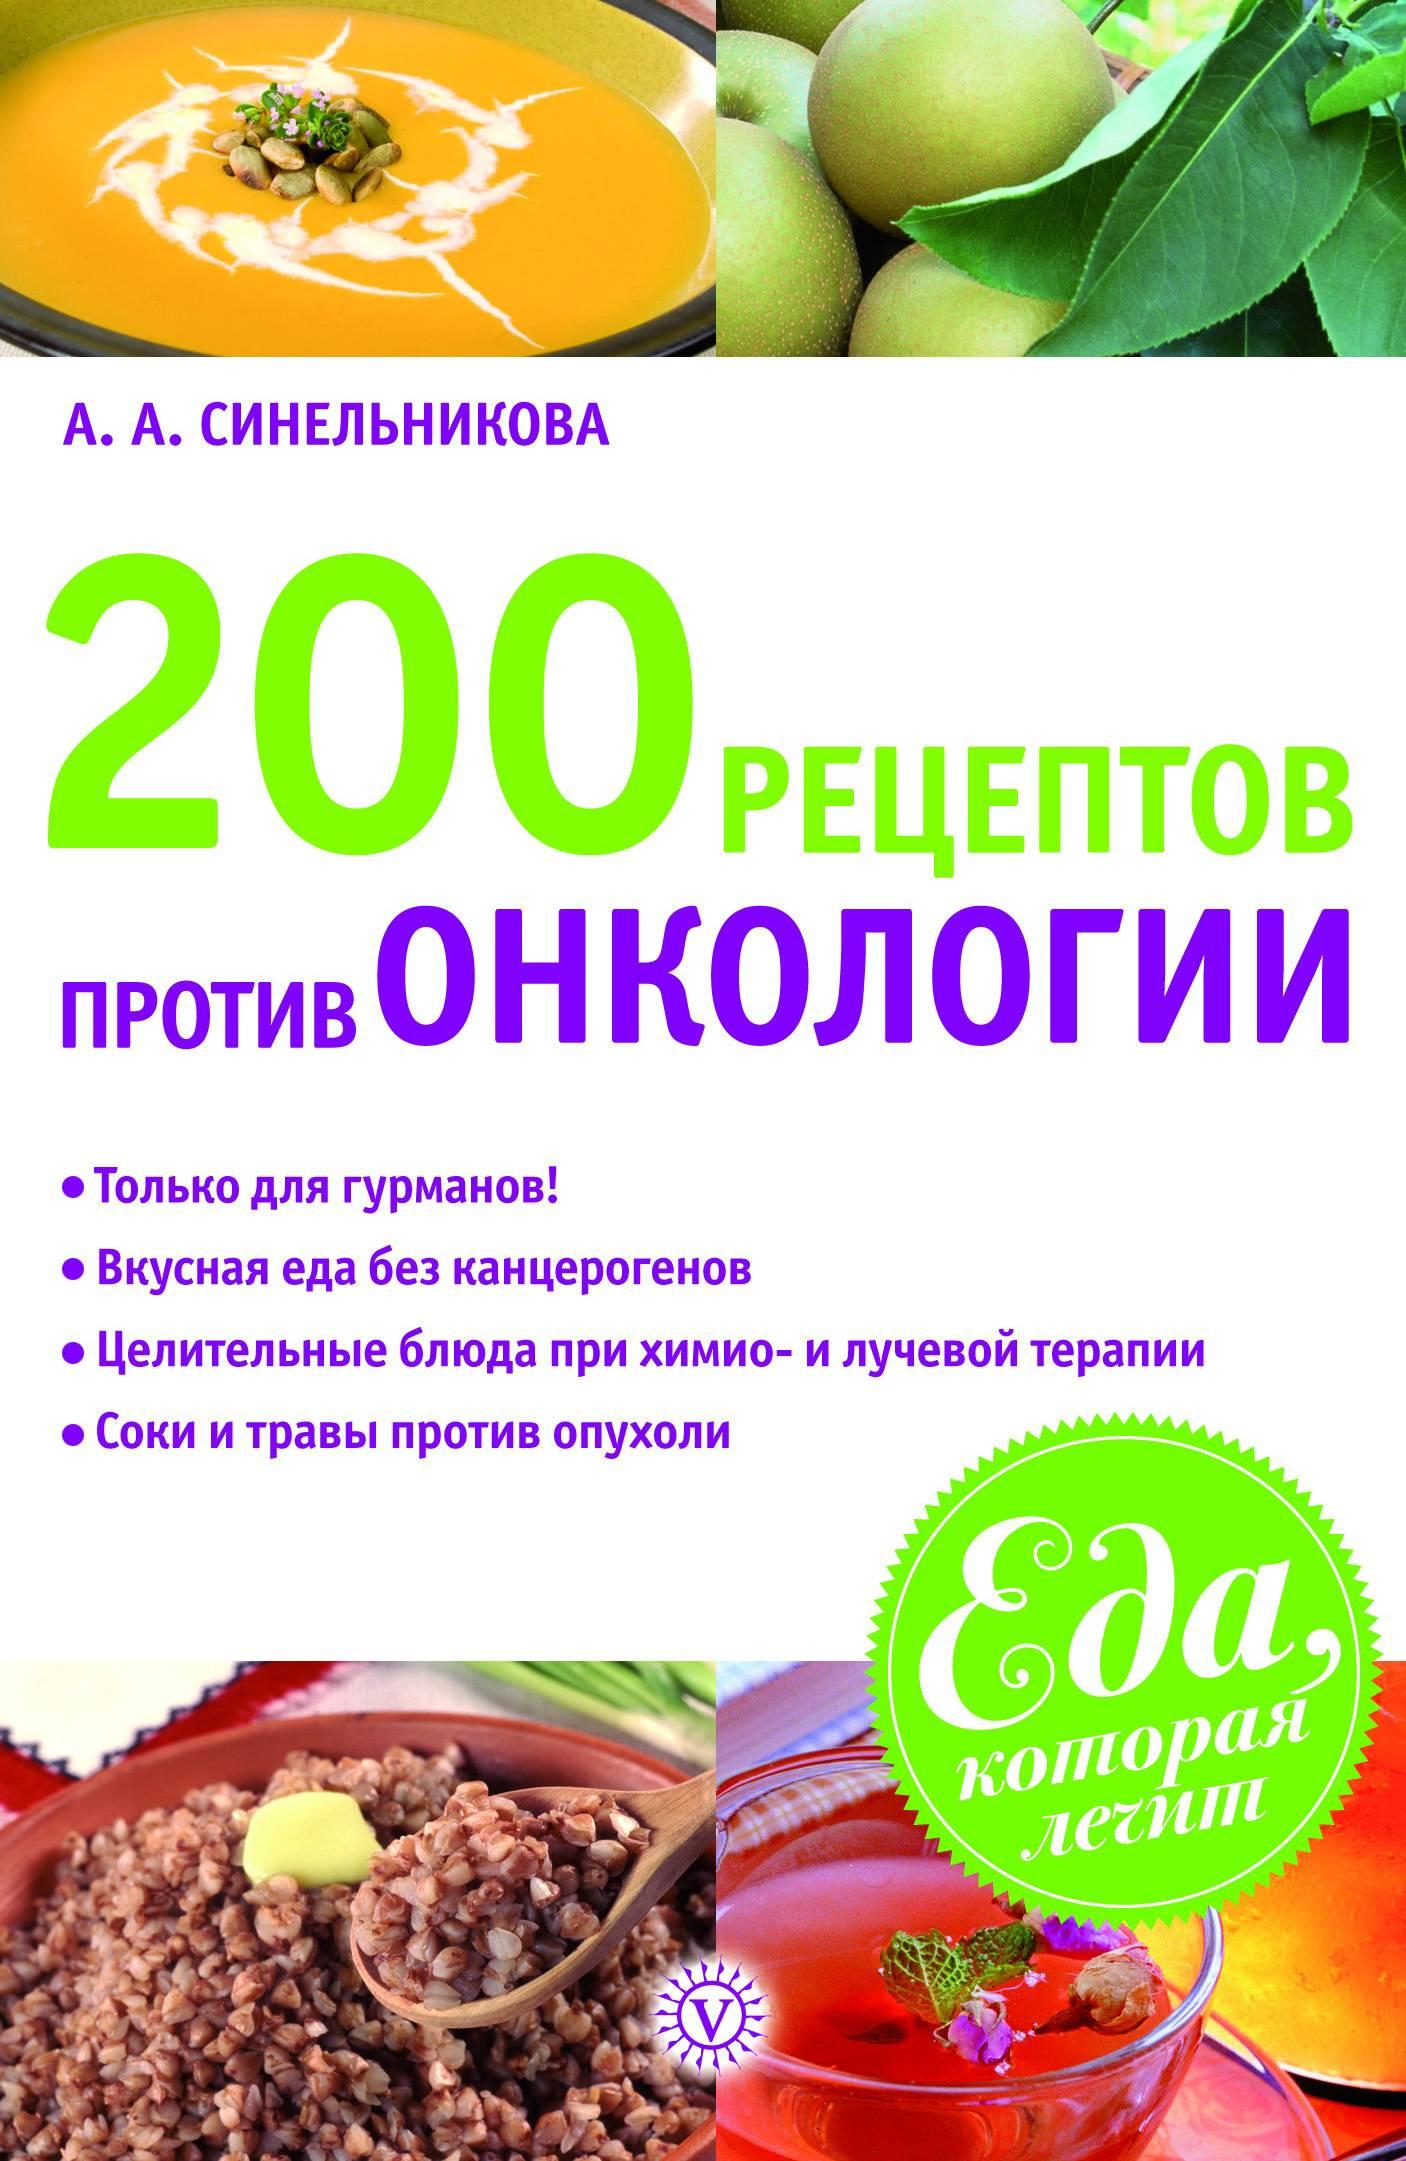 Питание при лейкозе крови у взрослых — ooncologiya